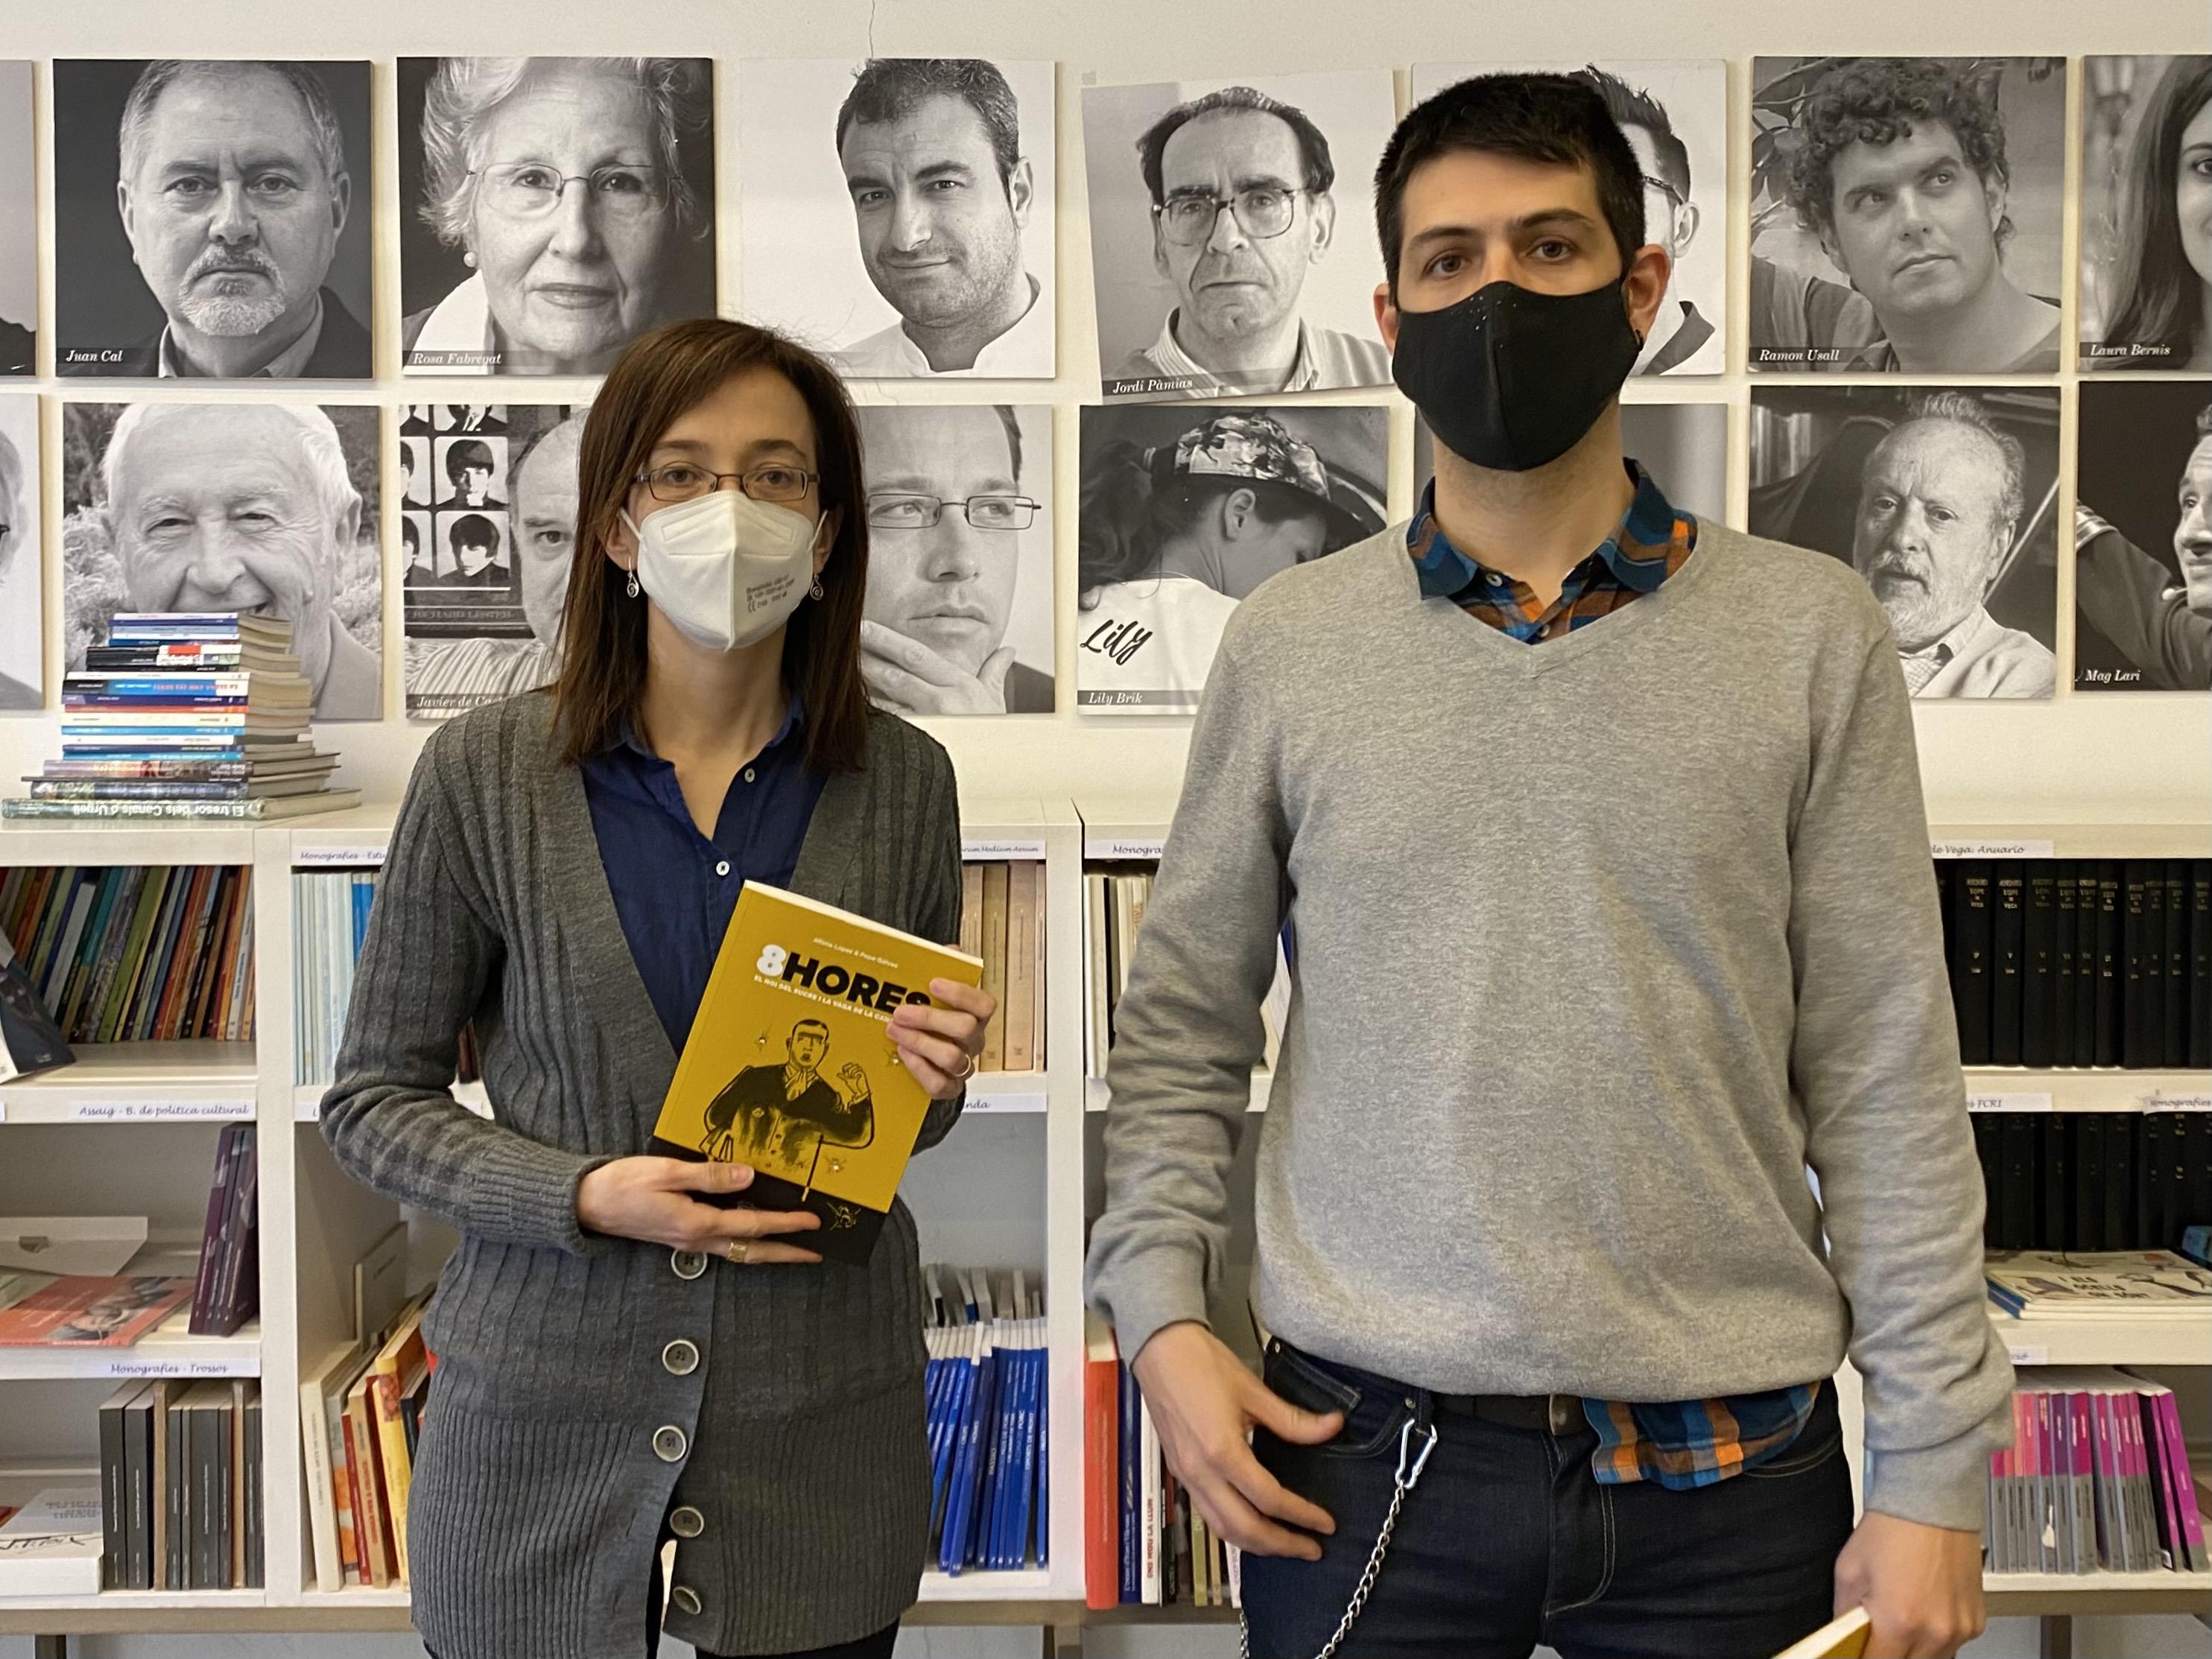 Pagès Editors presenta la seva nova col·lecció de novel·la gràfica, Doble Tinta, i el primer títol, 8HORES